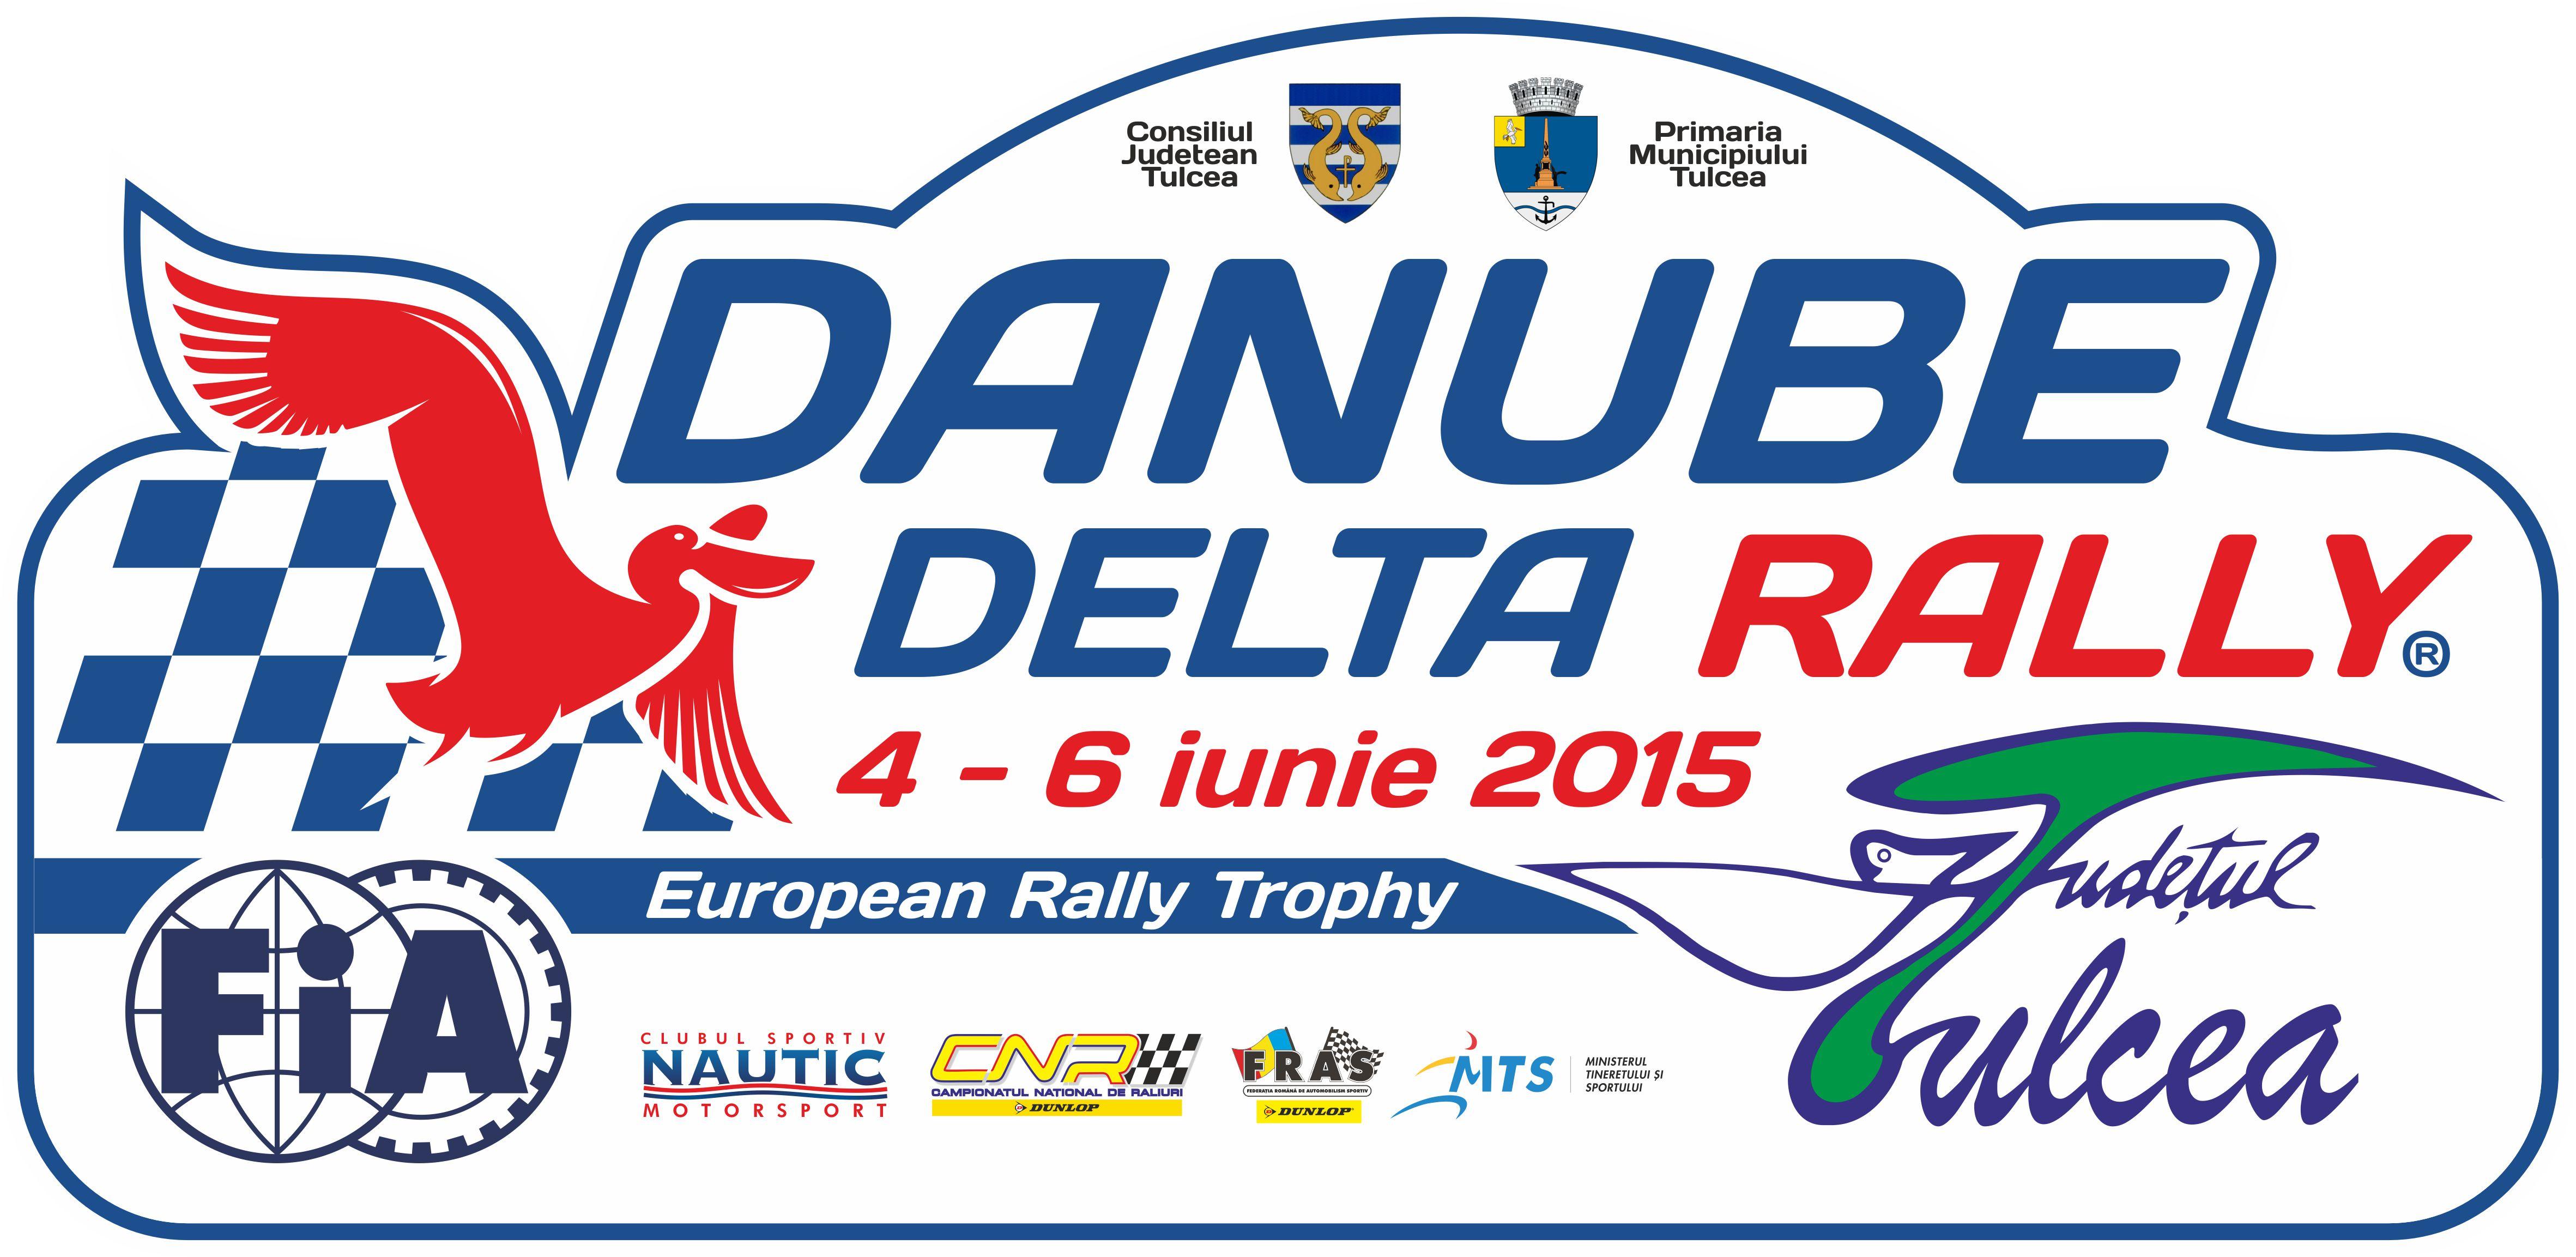 Danube Delta Rally 2015 – Clasamente complete